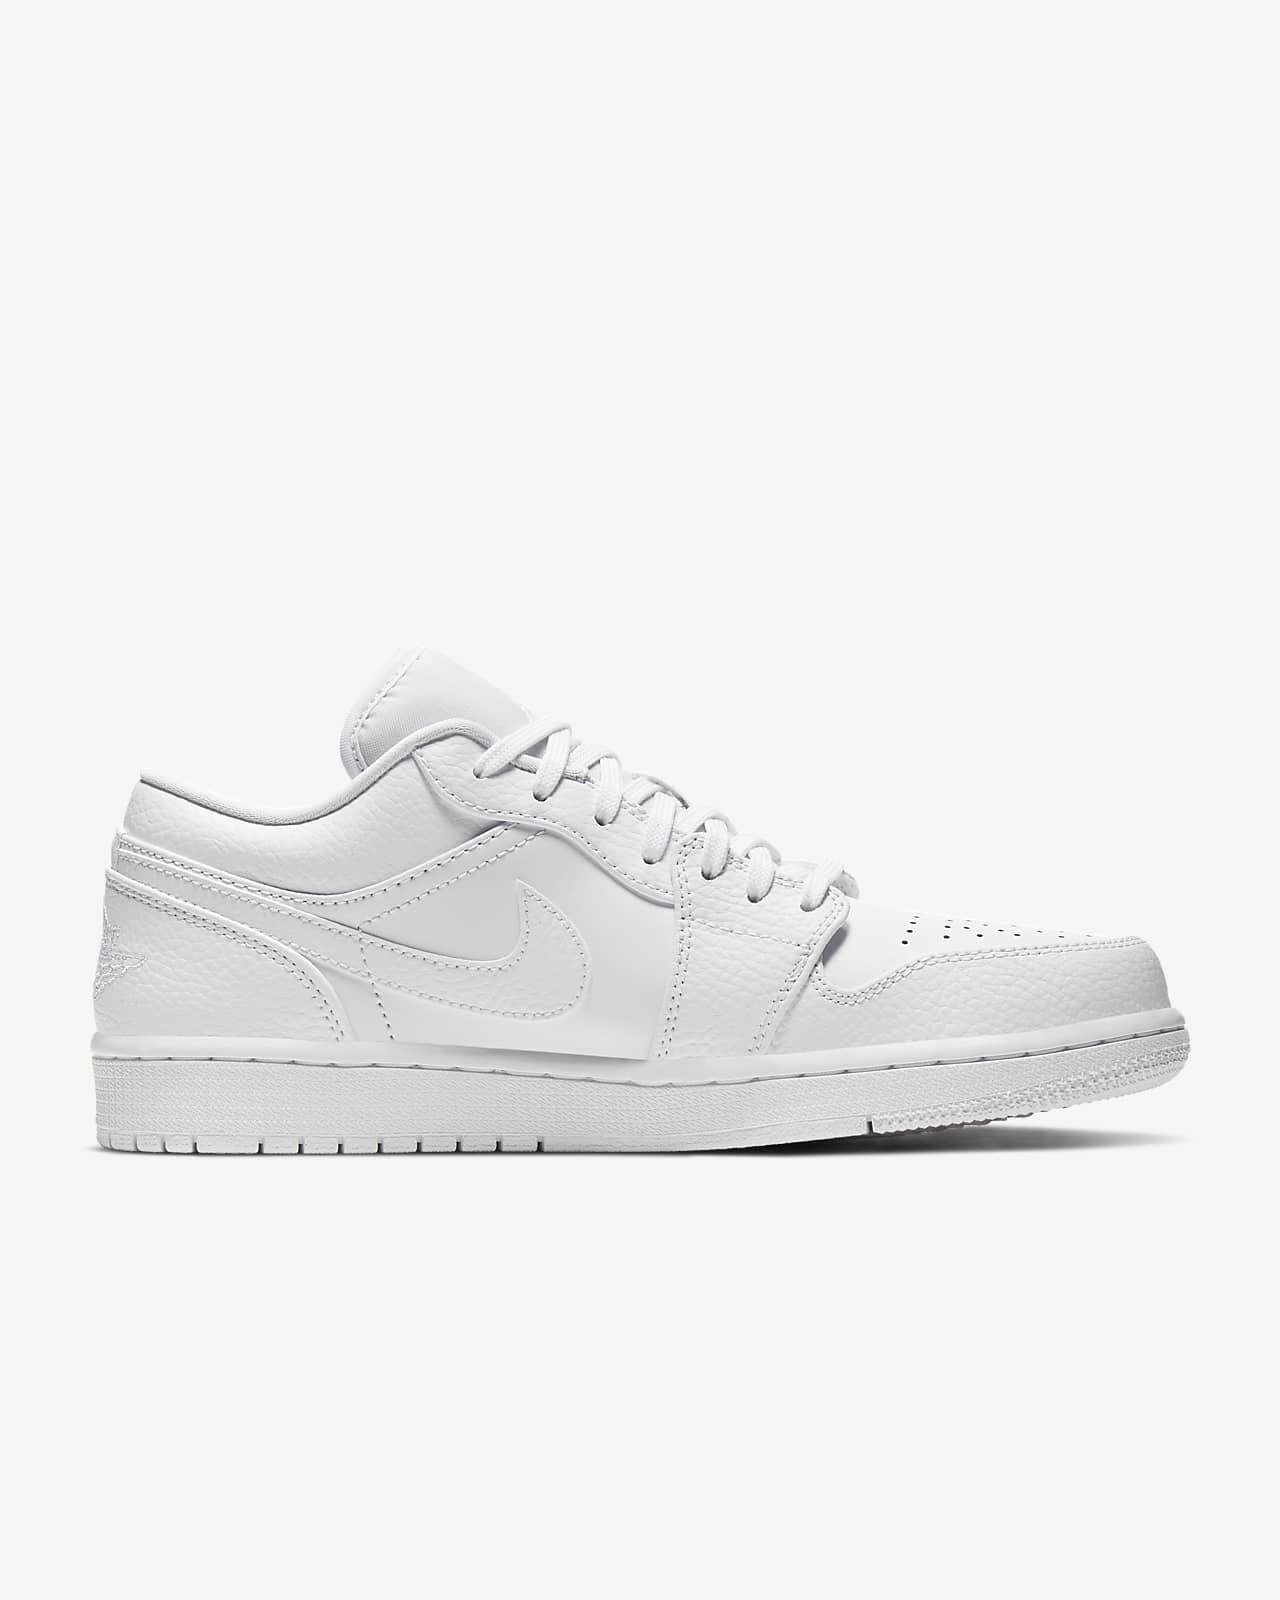 Air Jordan 1 Low Shoe. Nike SG